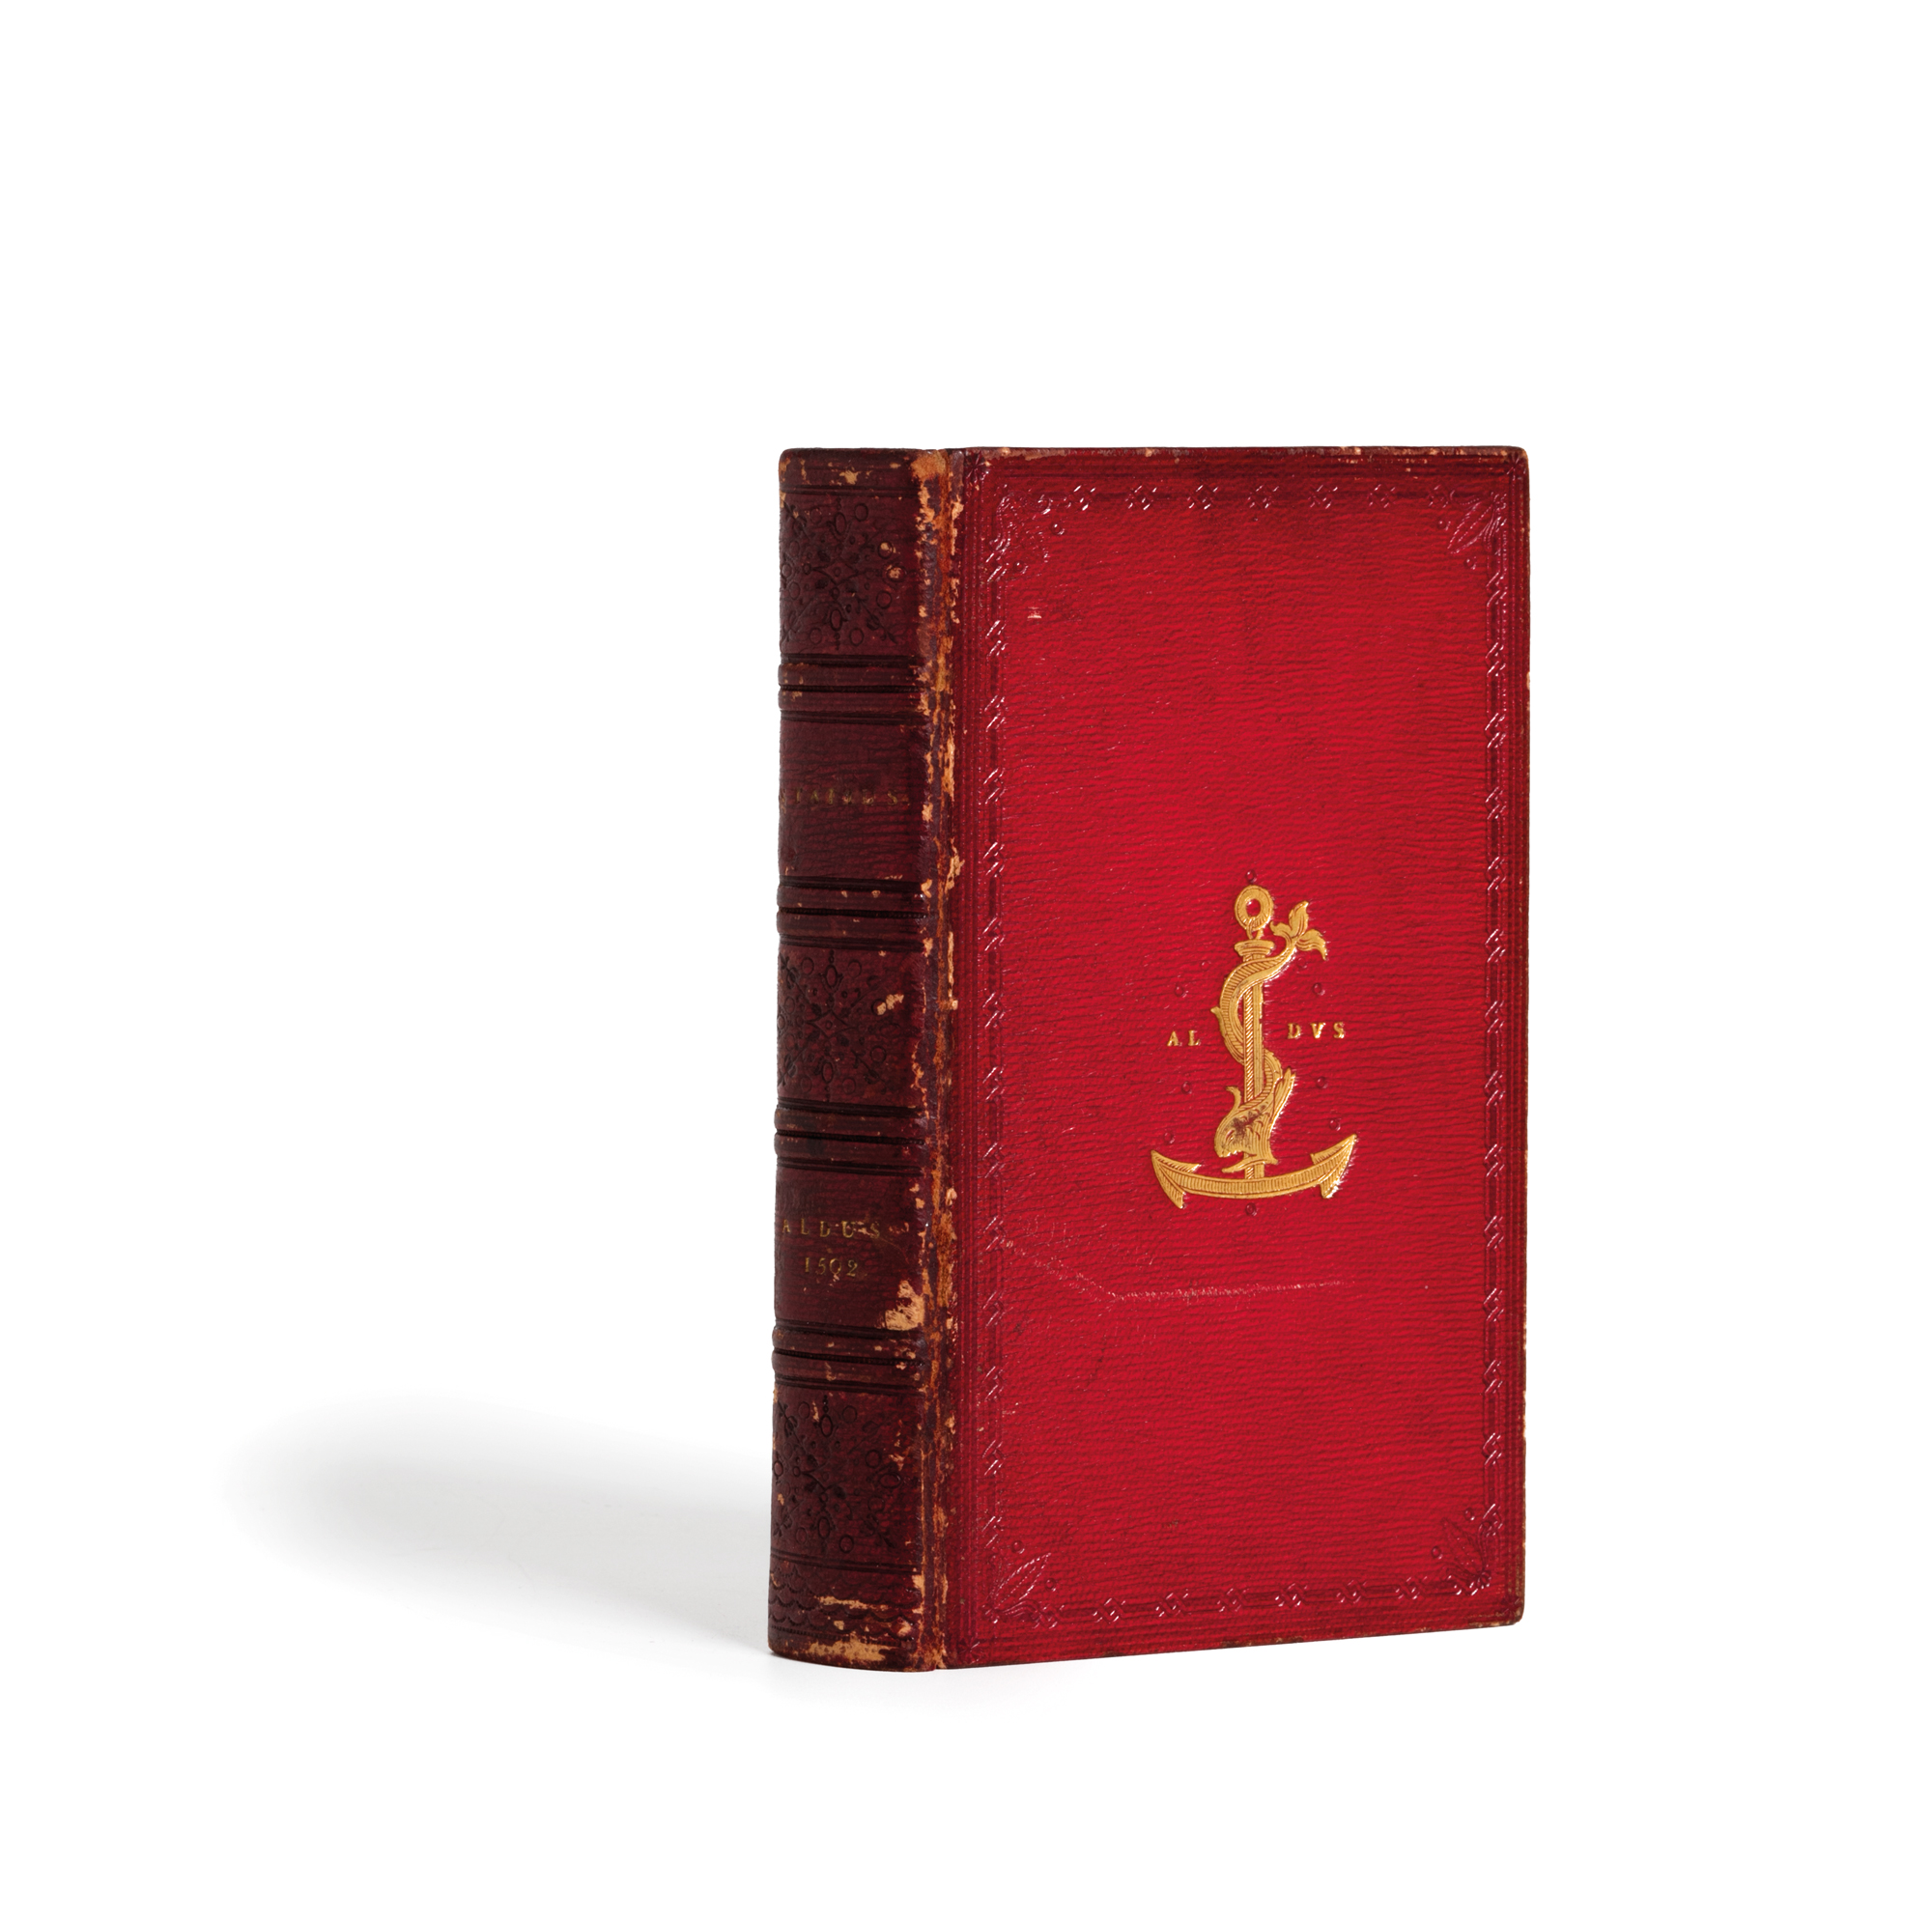 Statii Syluarum libri quinque, Thebaidos libri duodecim, Achilleidos duo